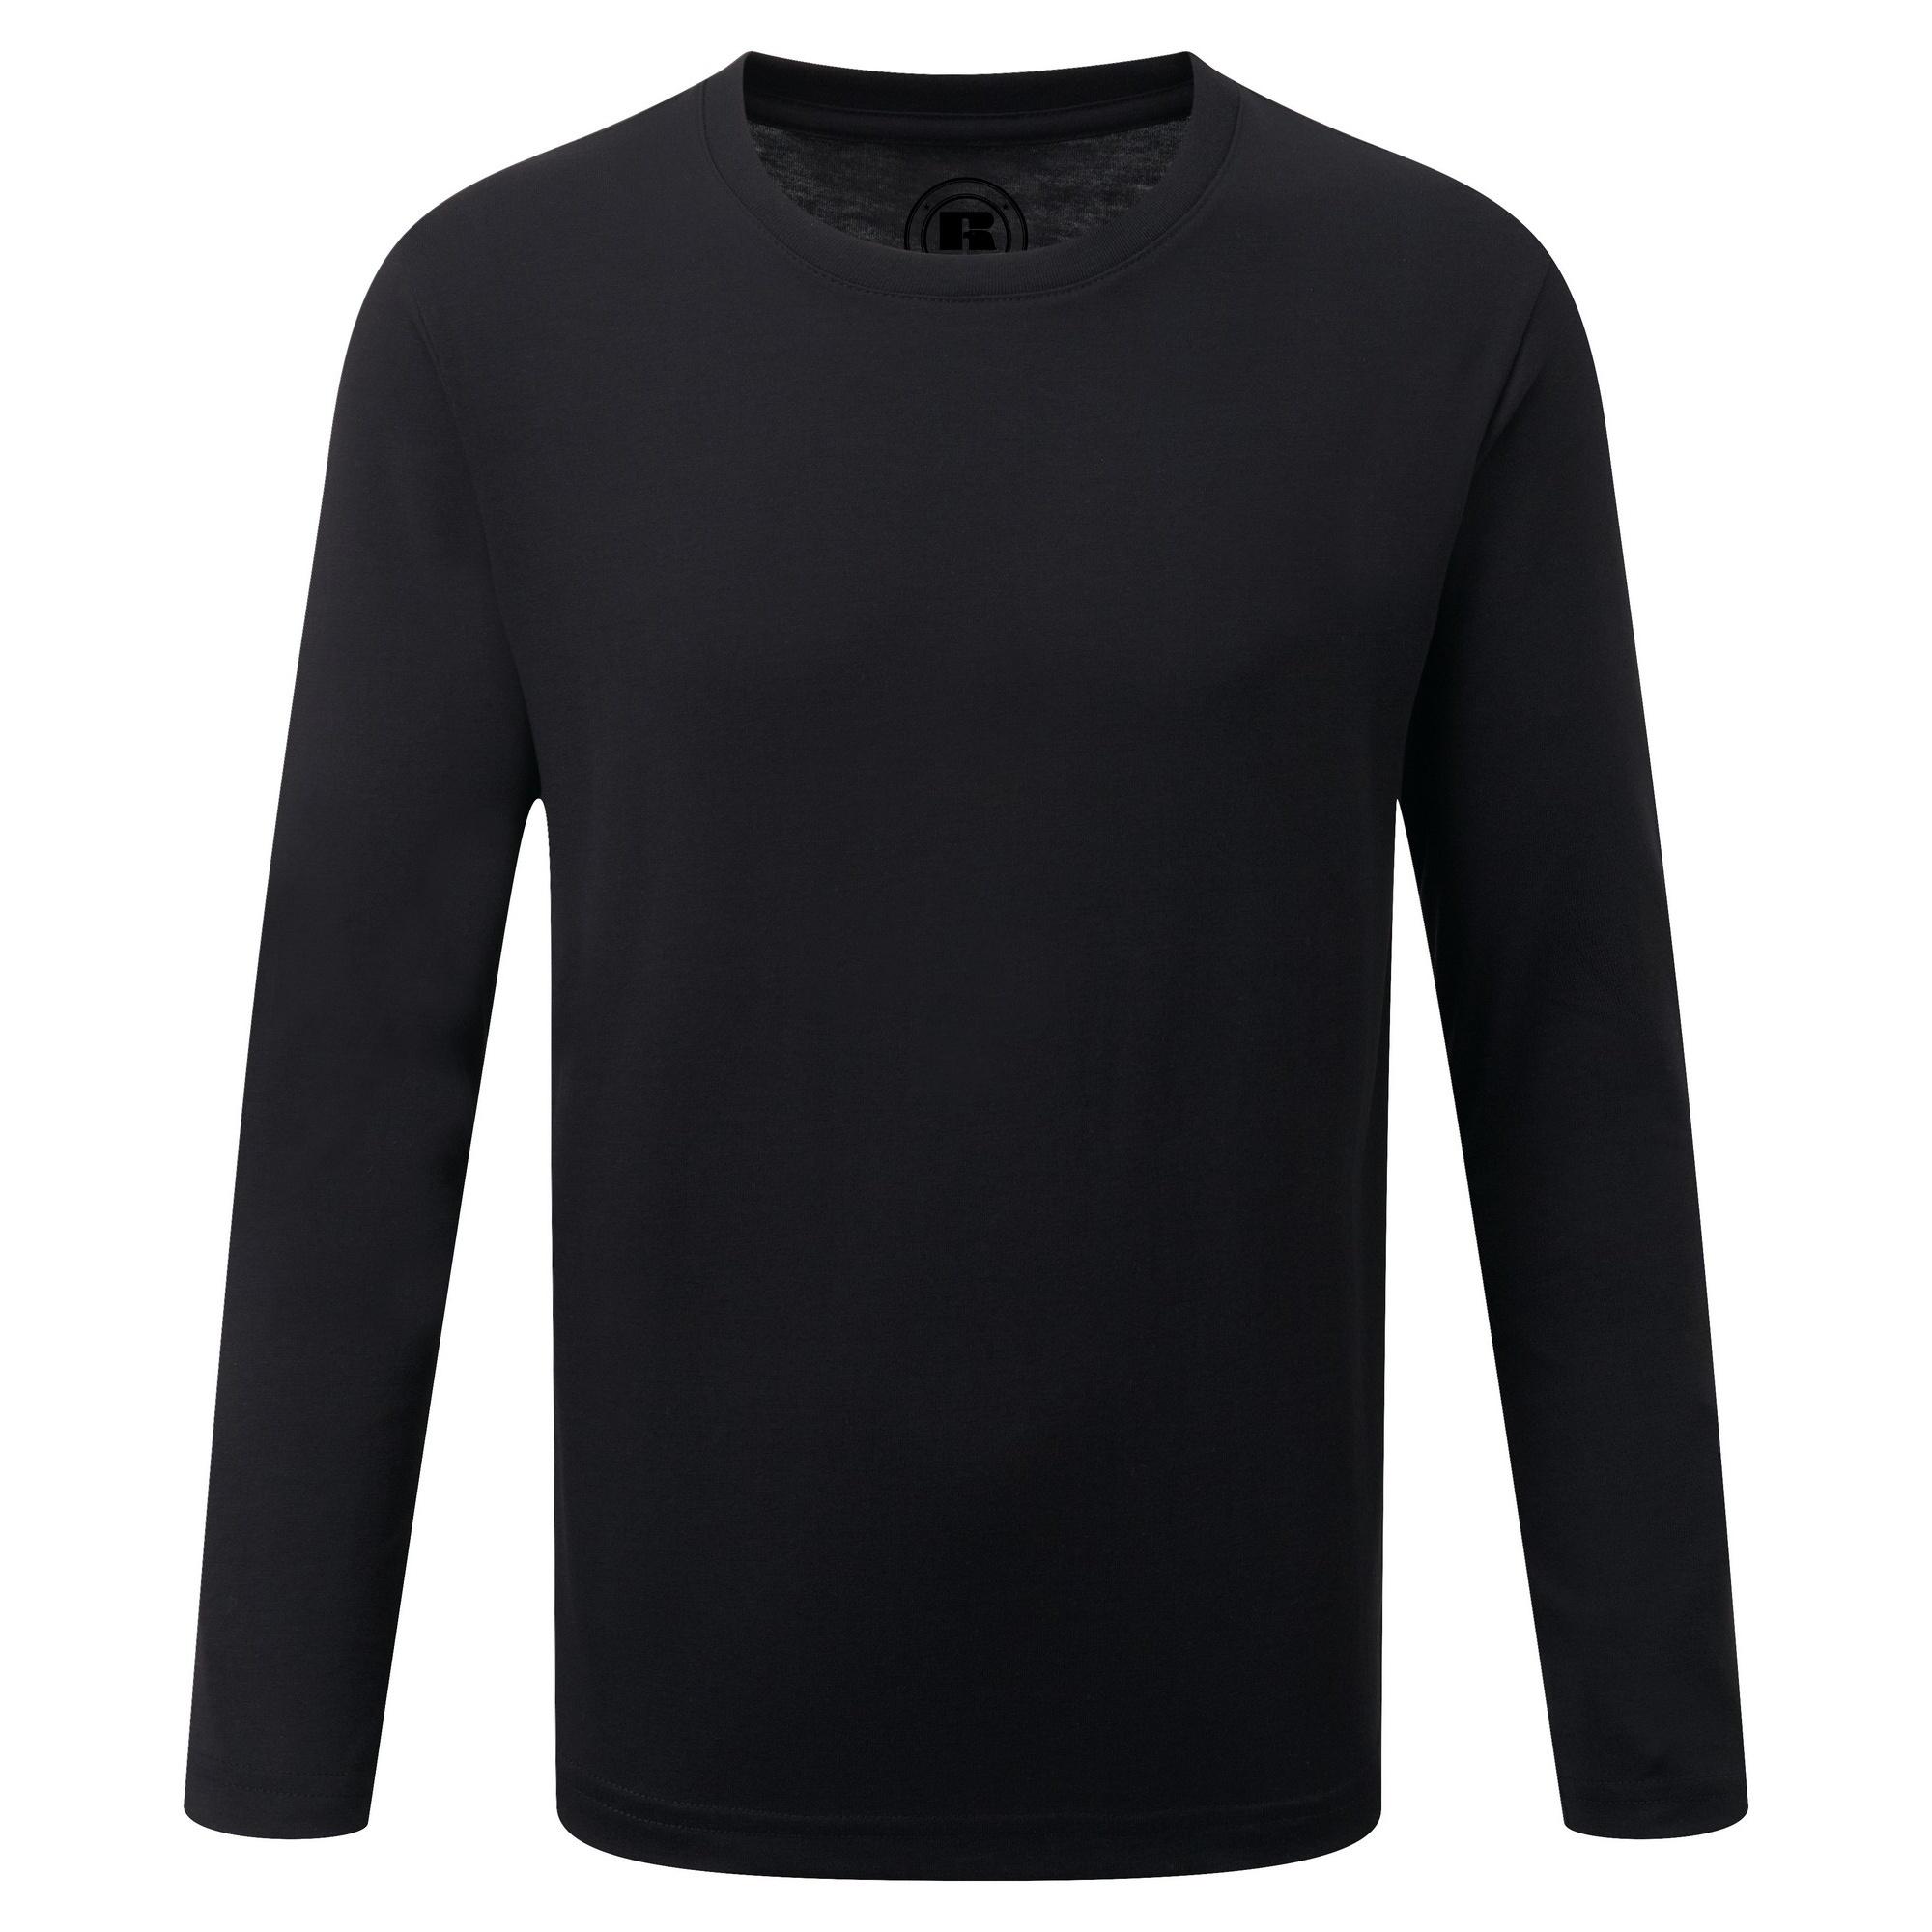 Russell-Camiseta-de-manga-larga-para-ninos-RW4715